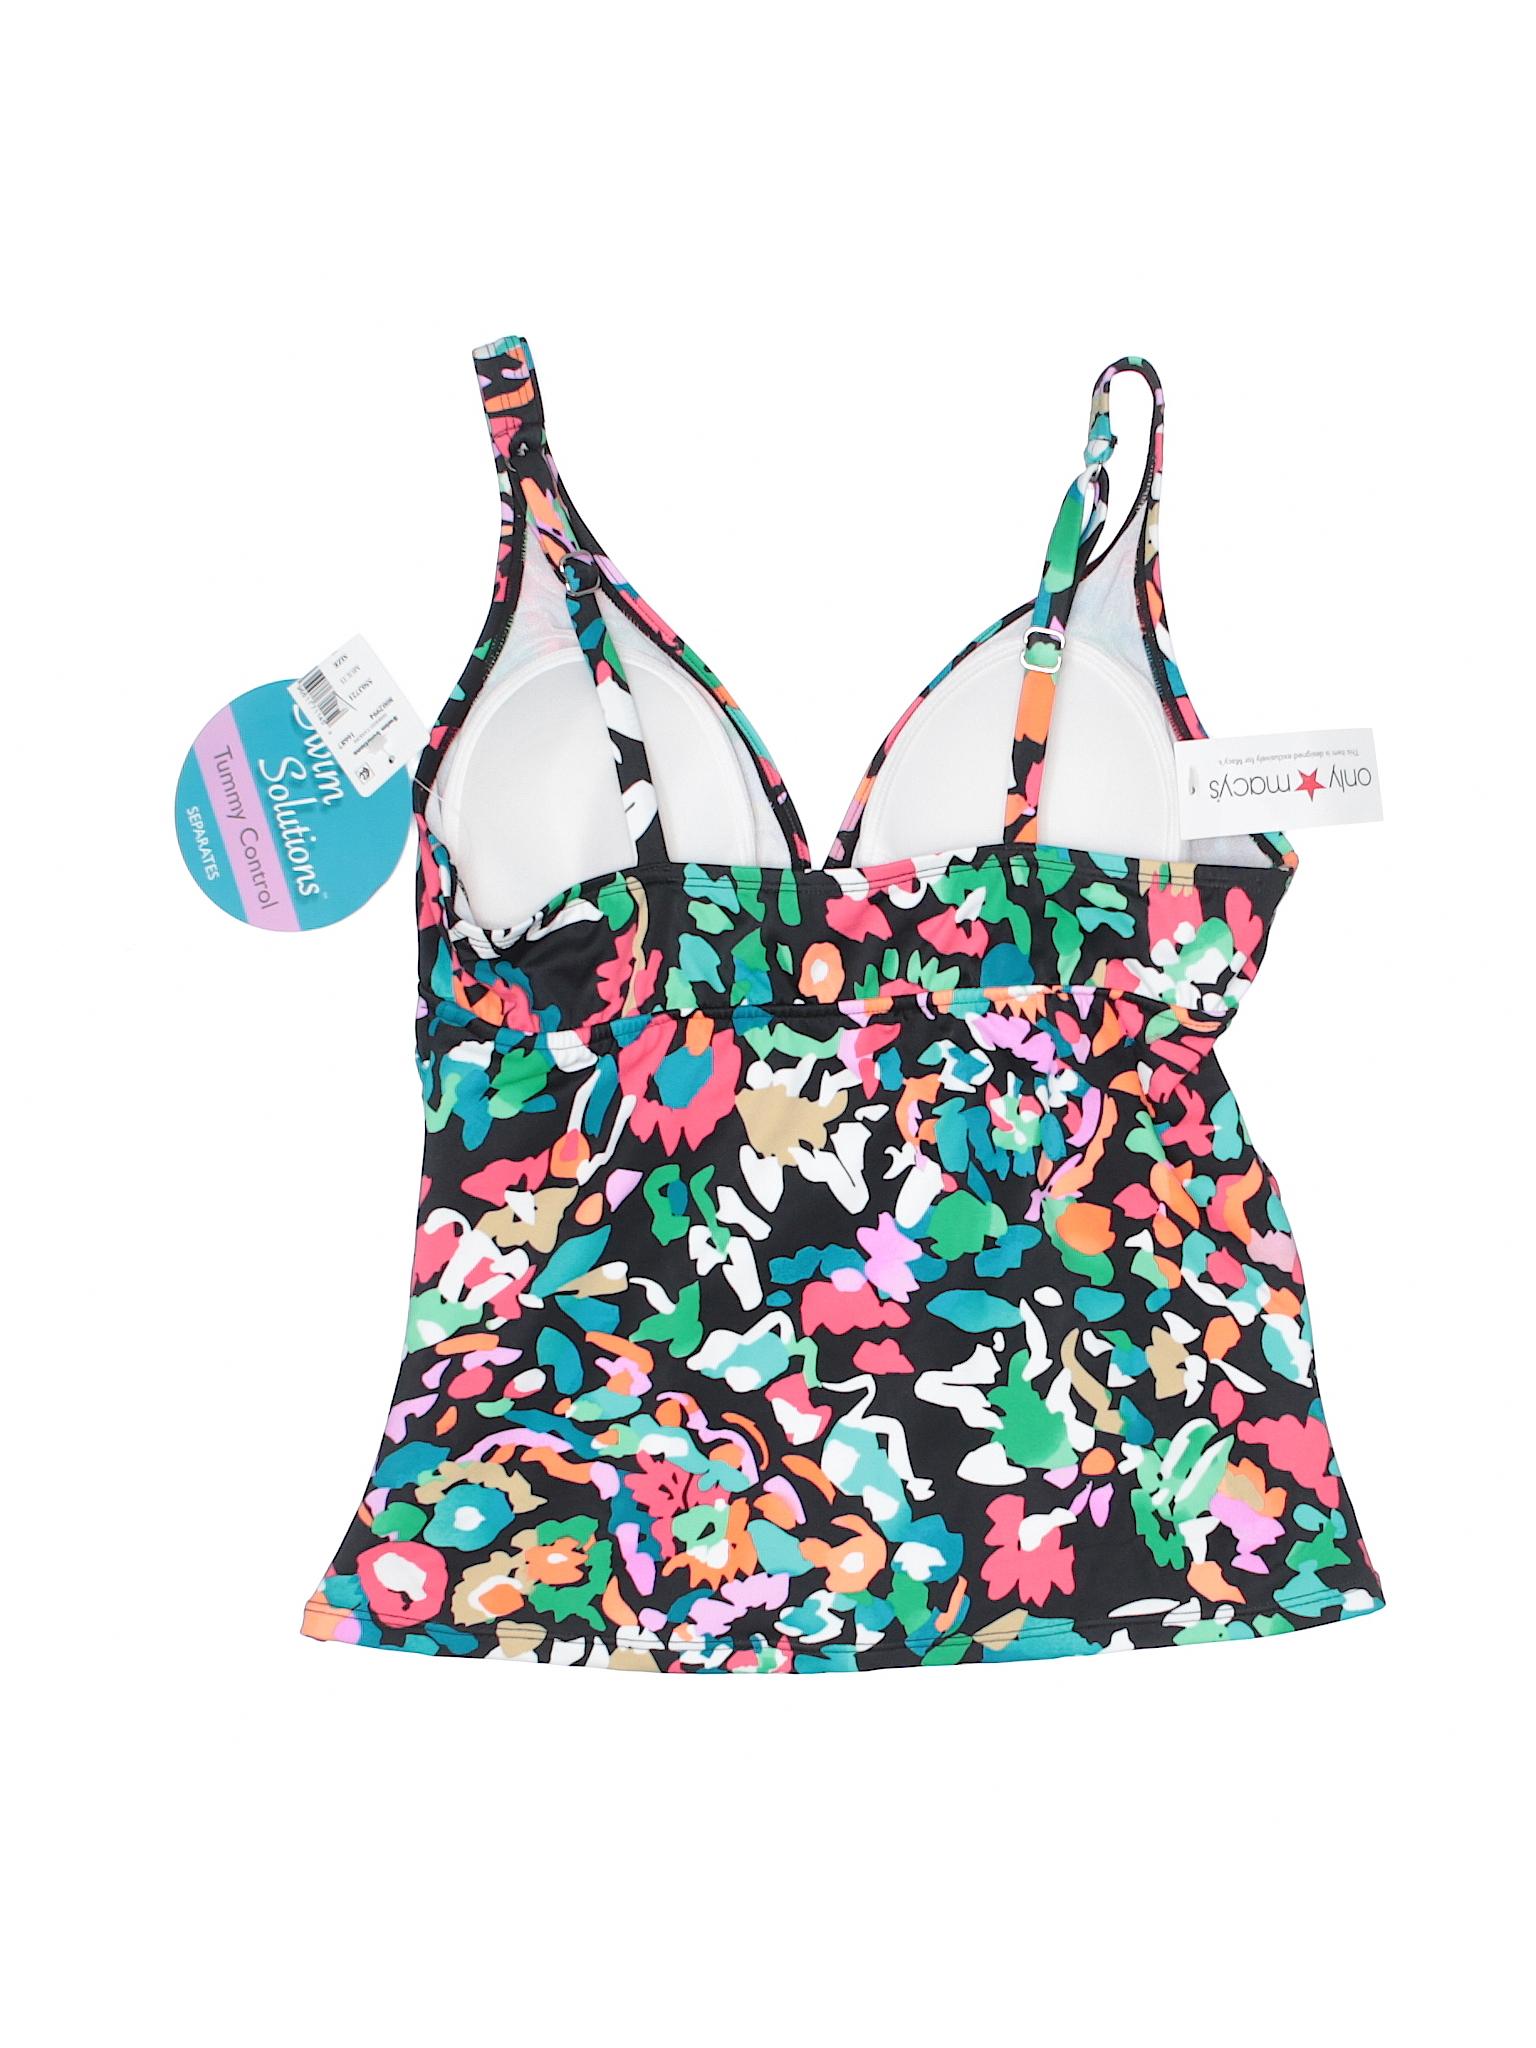 Boutique Top Solutions Swim Boutique Boutique Swim Swimsuit Top Swimsuit Swimsuit Swim Swim Solutions Solutions Boutique Top qt0ZgAw